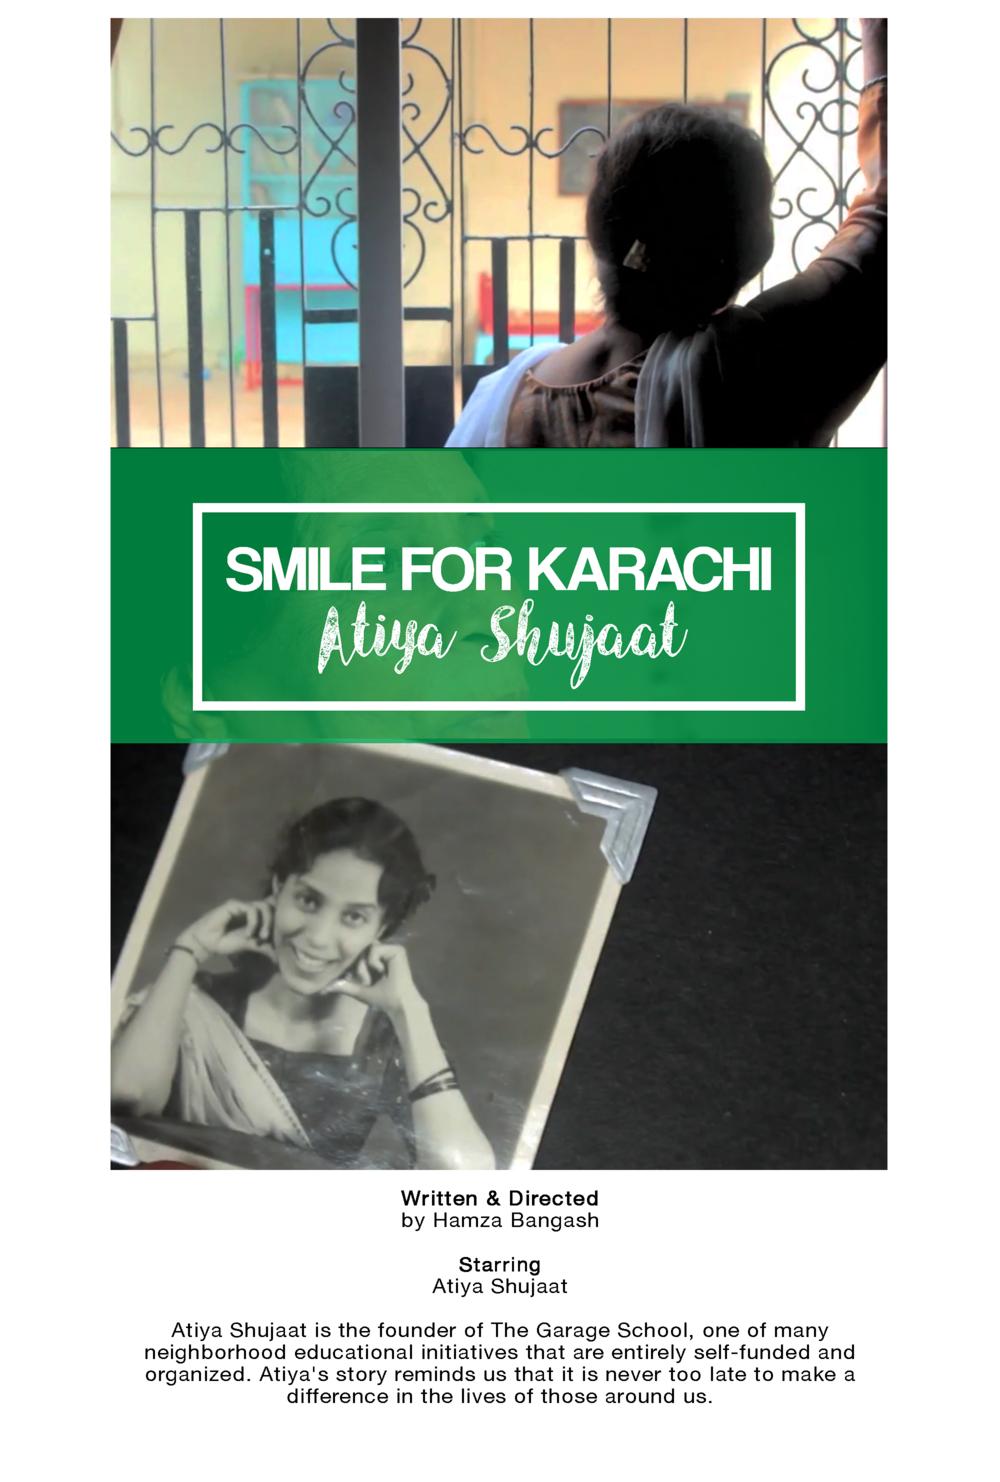 Smile for Karachi: Atiya Shujaat